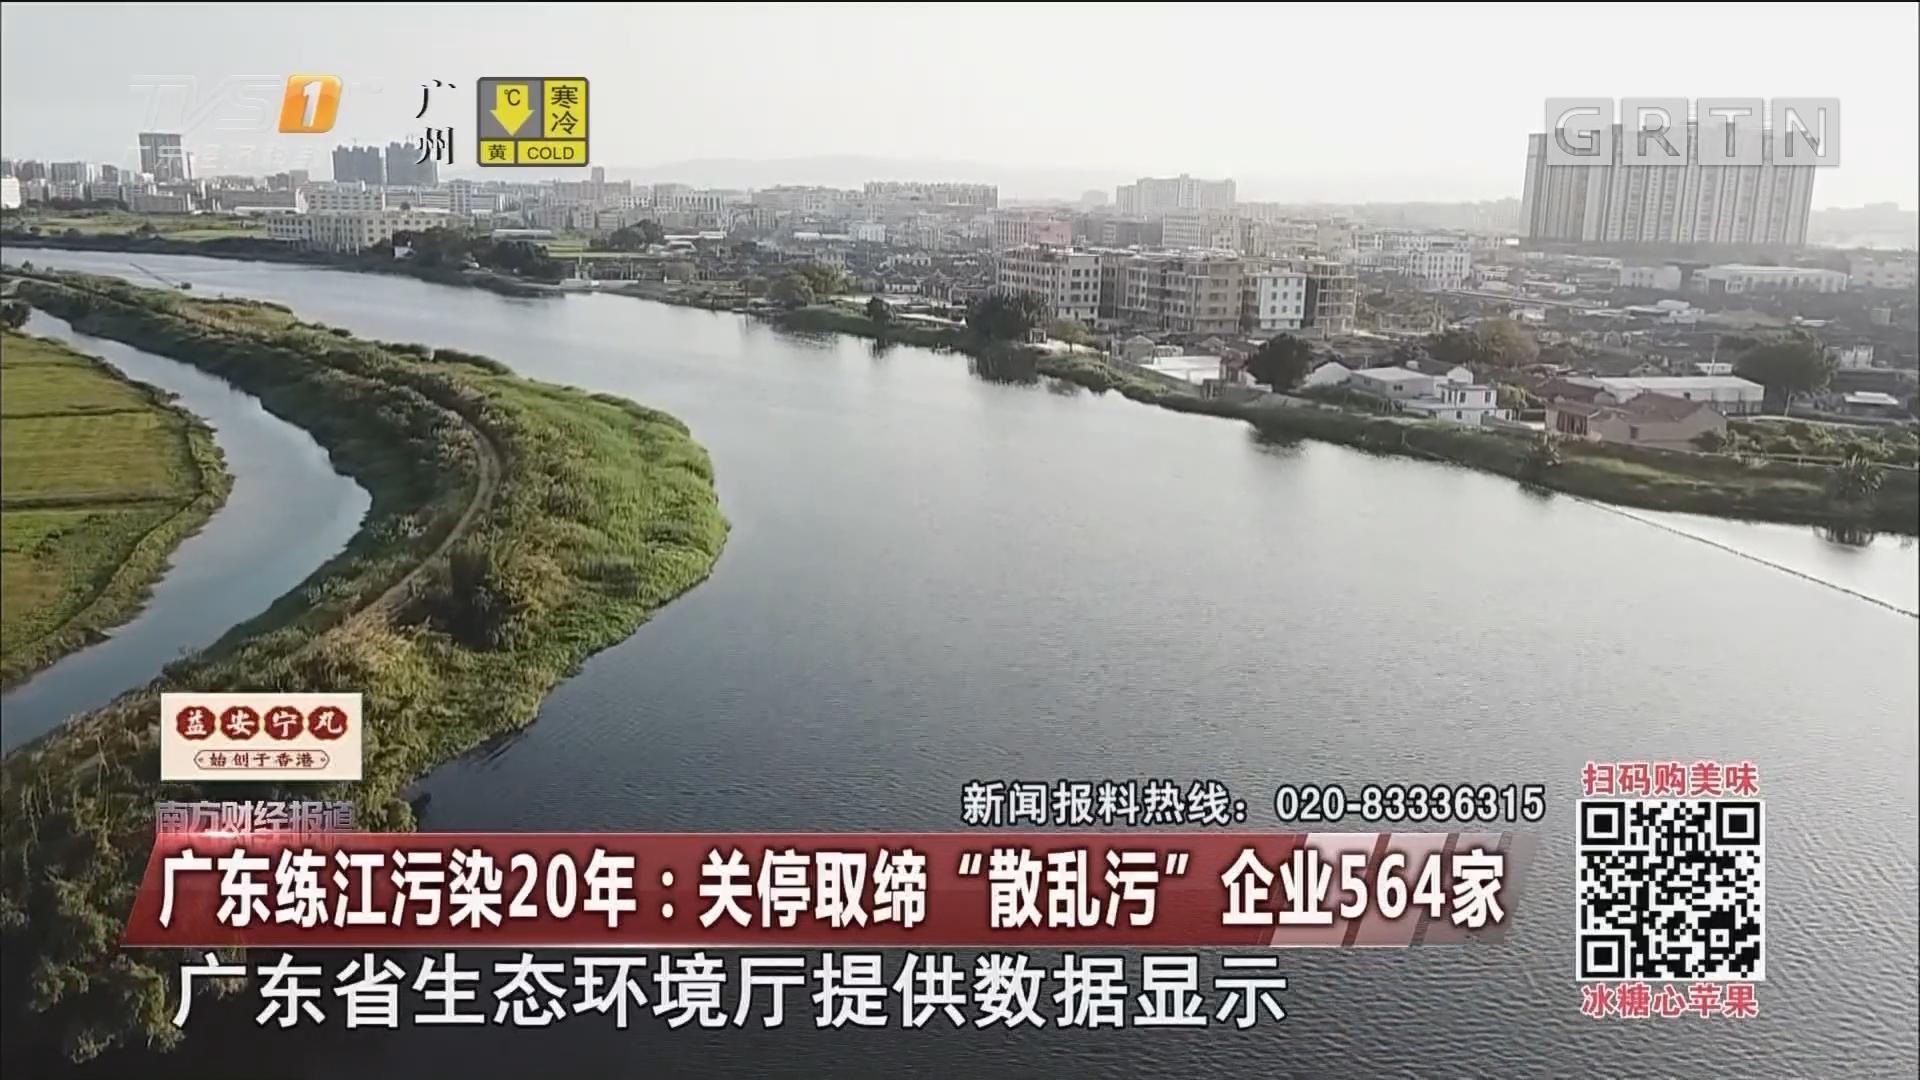 """广东练江污染20年:关停取缔""""散乱污""""企业564家"""